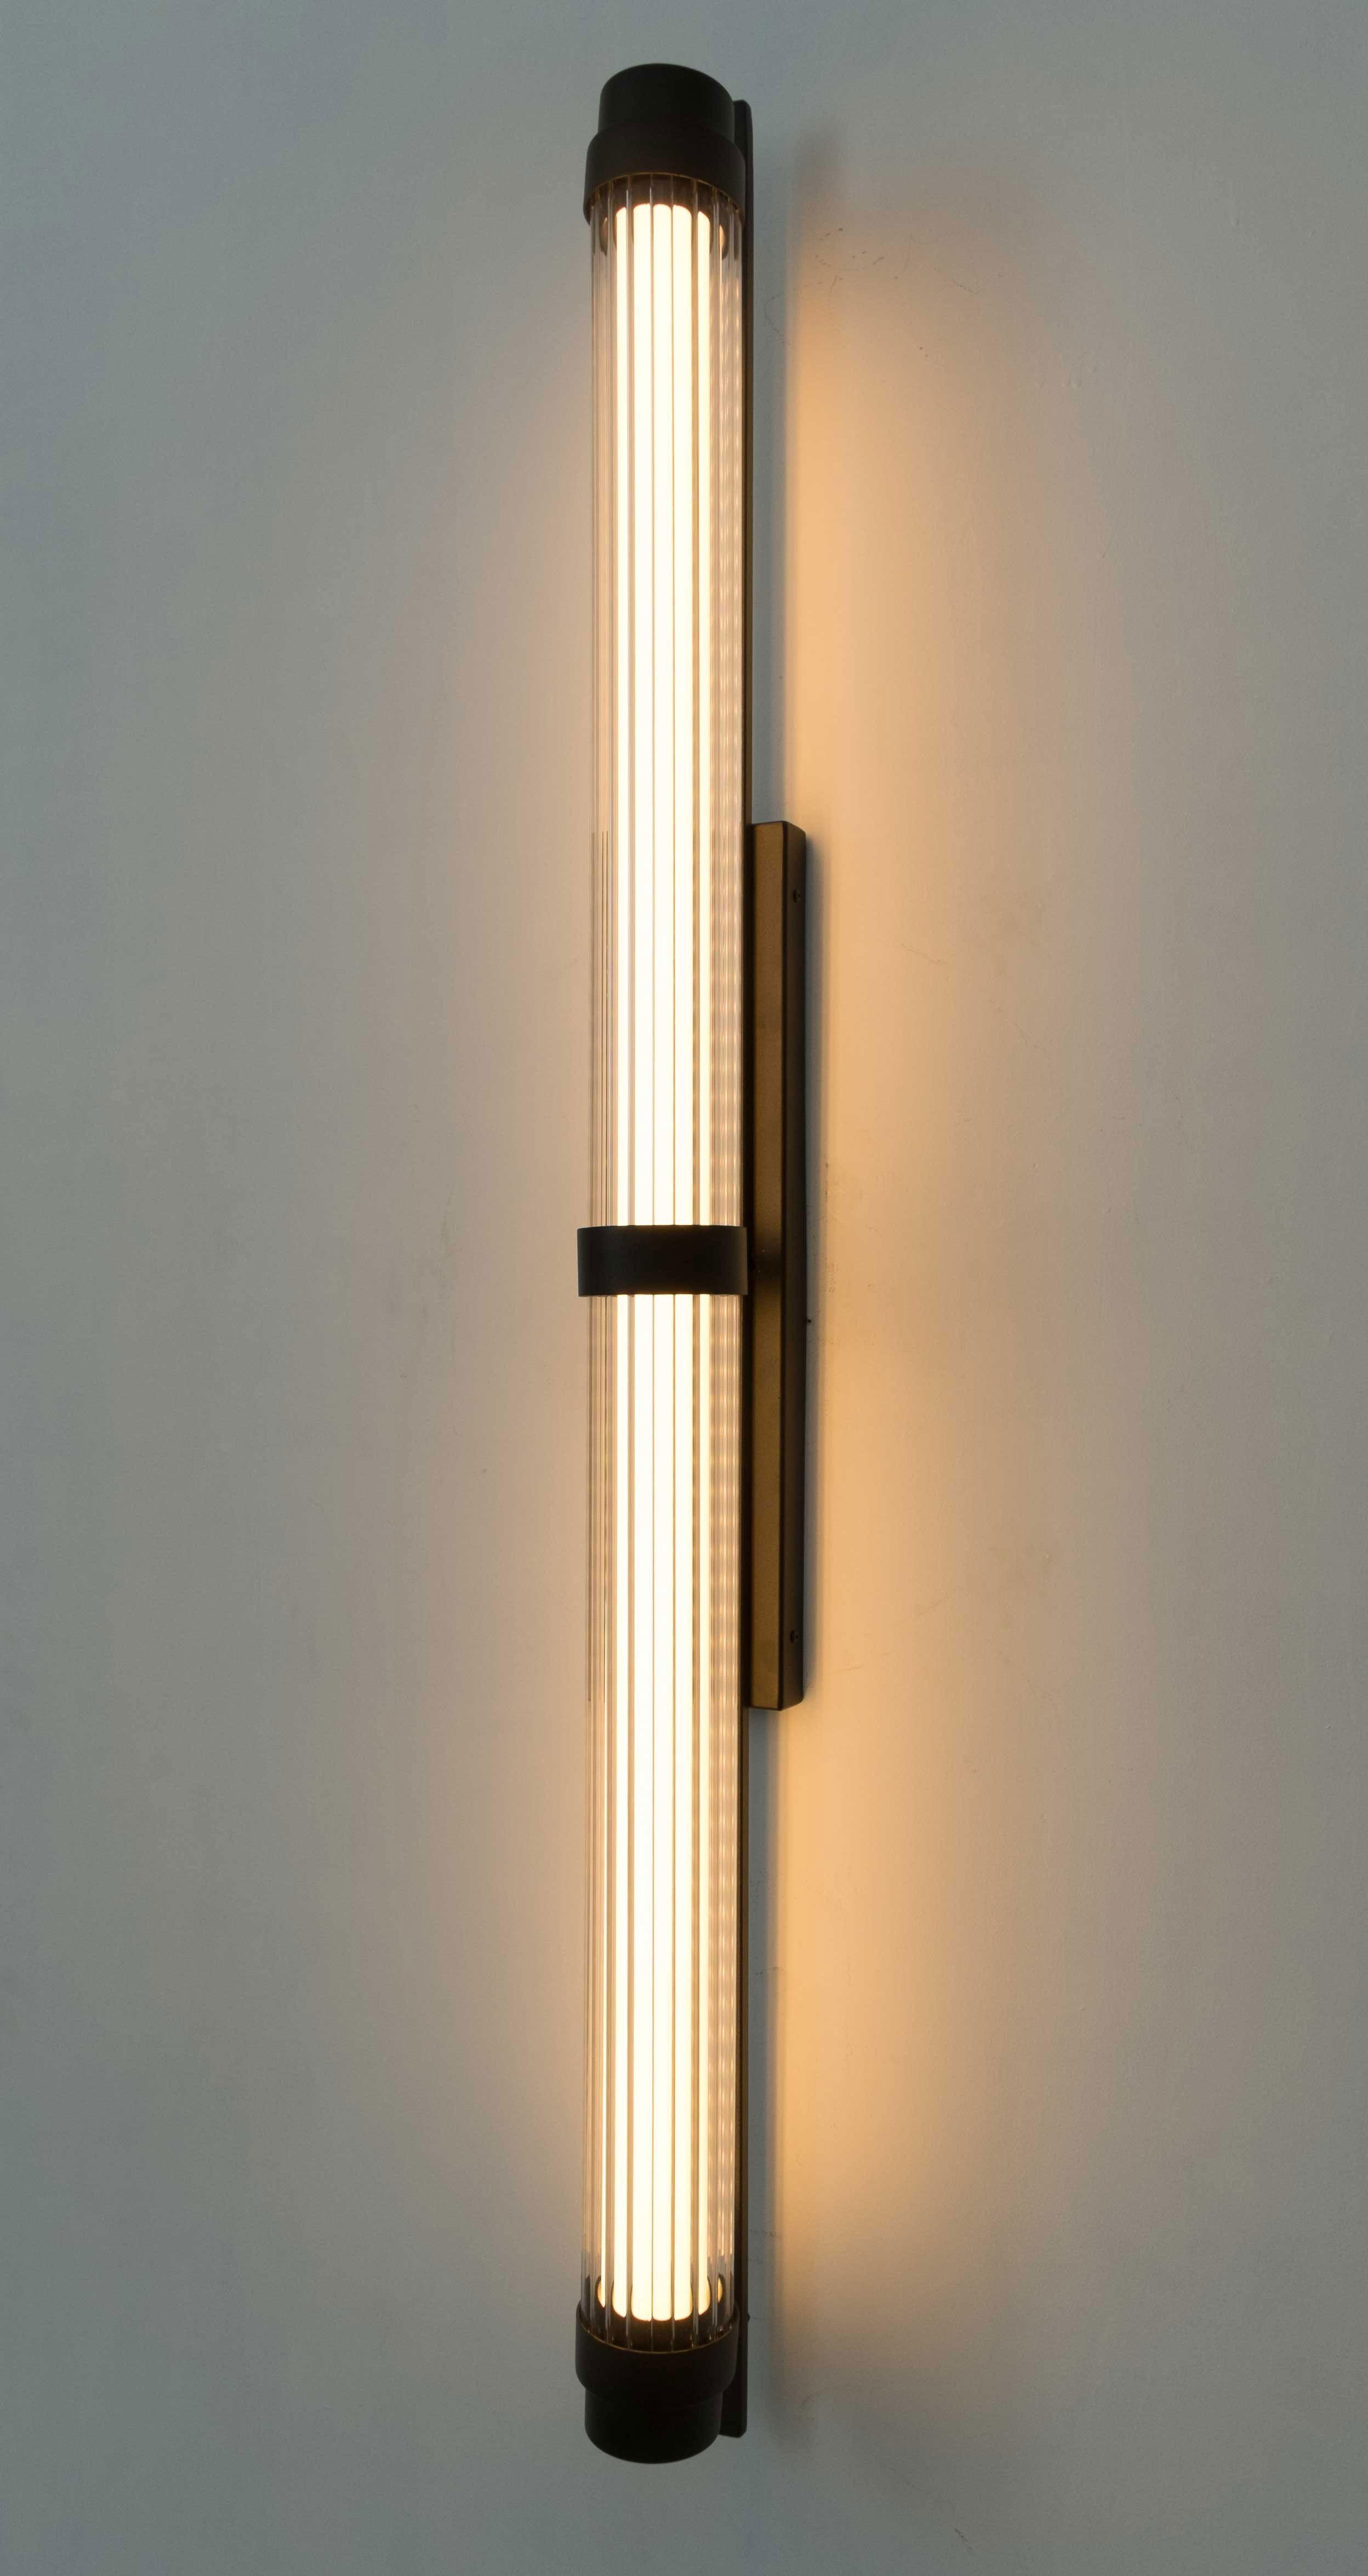 Aplique Pared Ba/ño Modern Led Wall Light L60 80 100cm Large Black /& Silver Body Led L/ámpara De Pared Ba/ño Espejo Luces Delanteras Ac110v 220v acabado negro